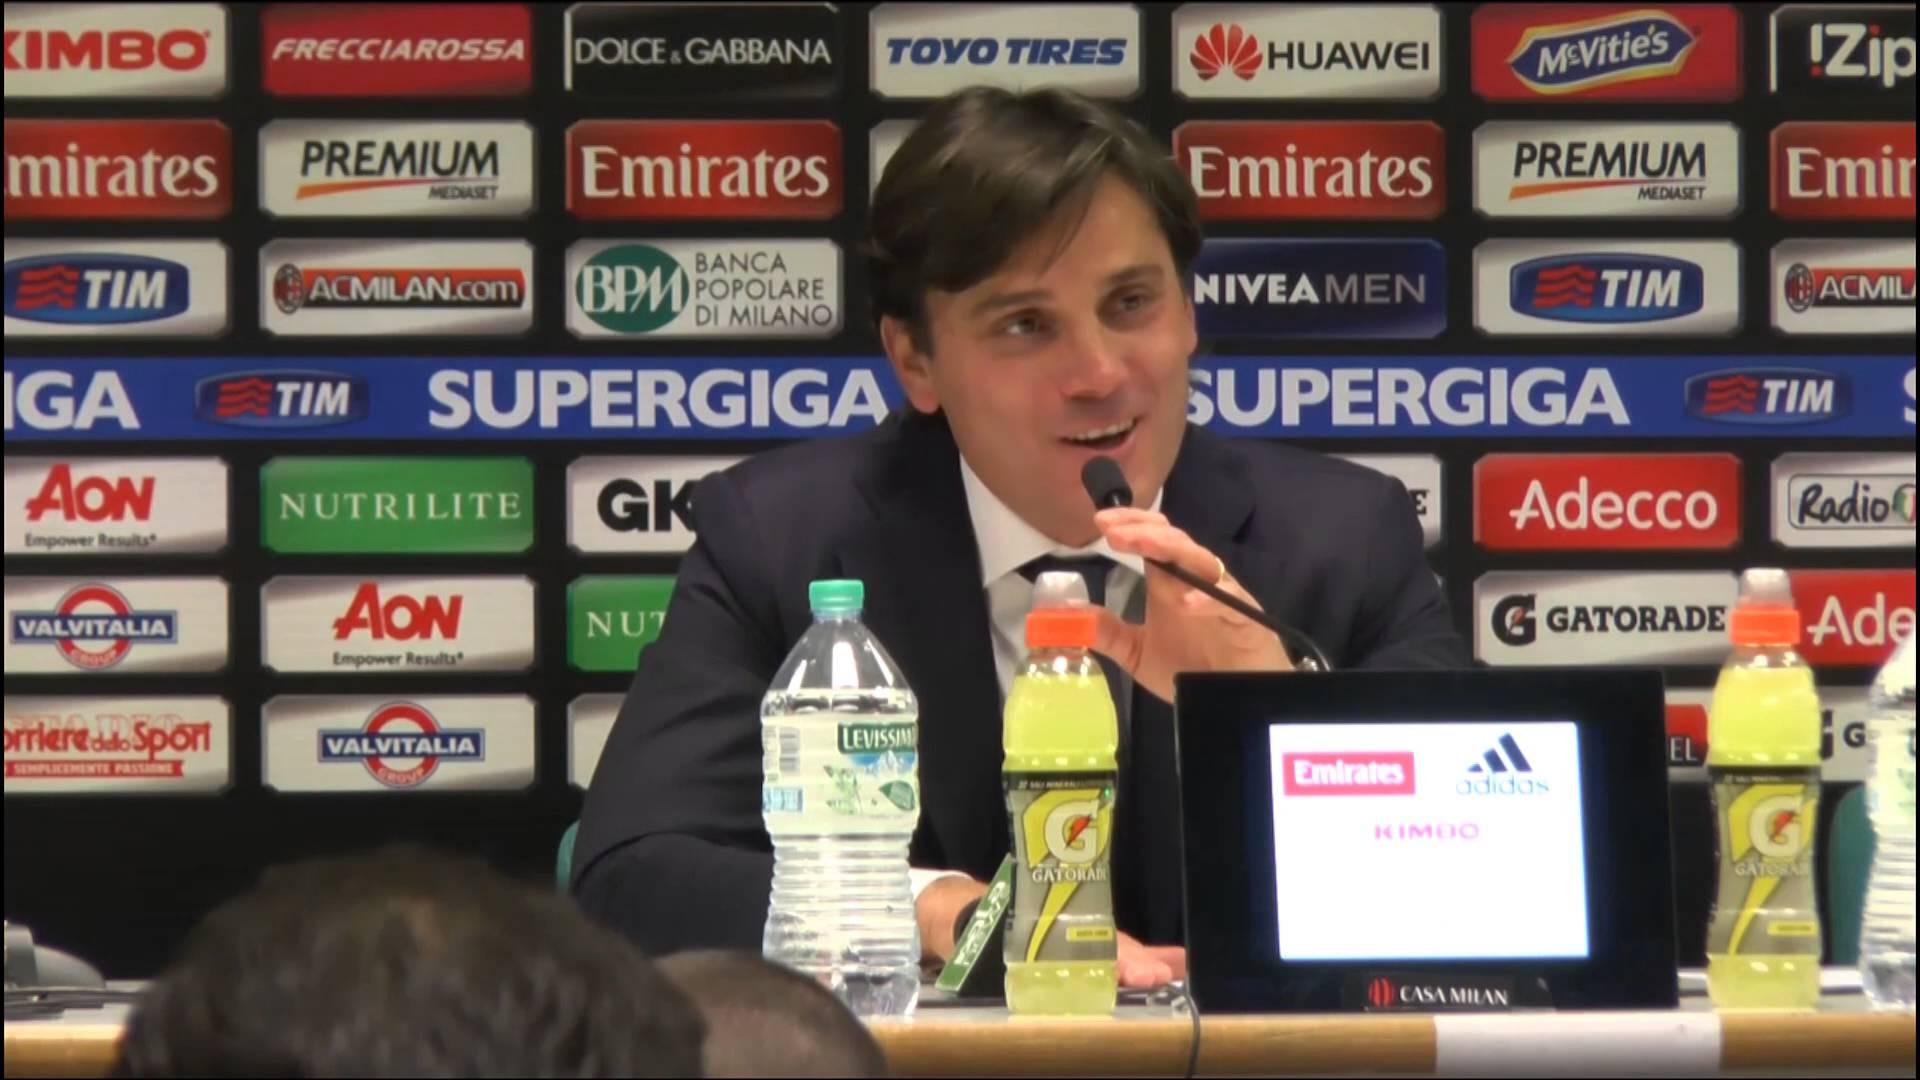 Calciomercato: Montella mette Niang sul mercato, il Watford ci prova!